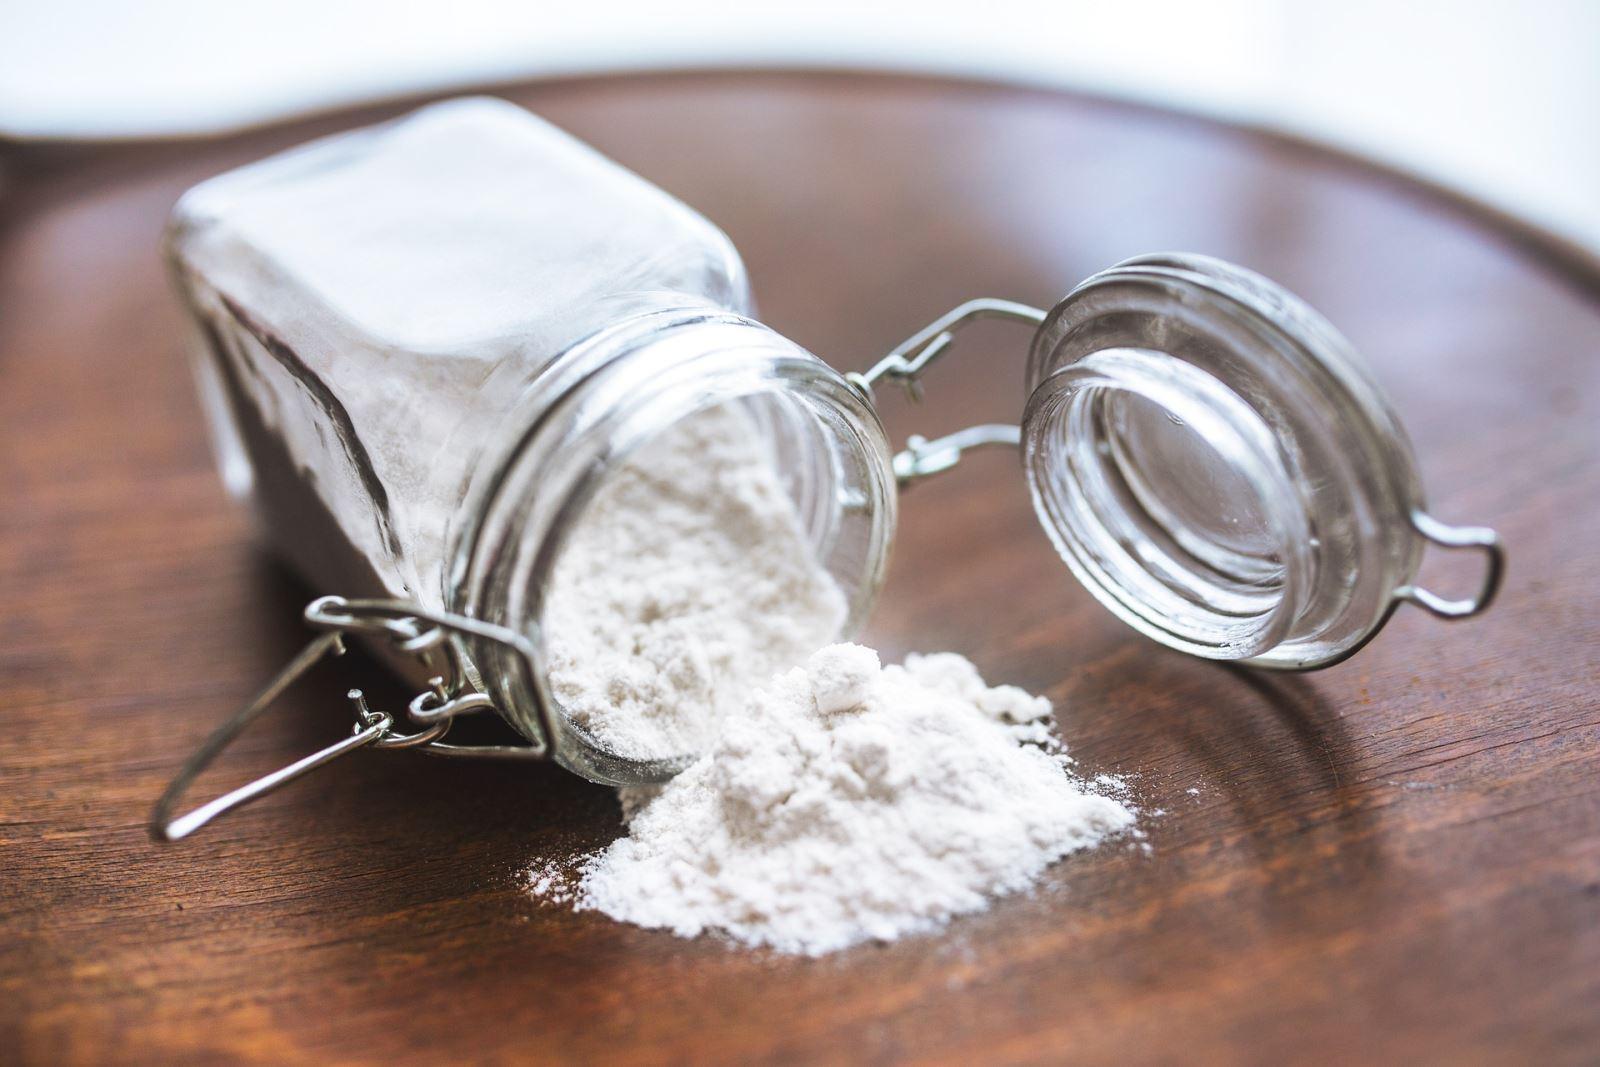 Baking powder